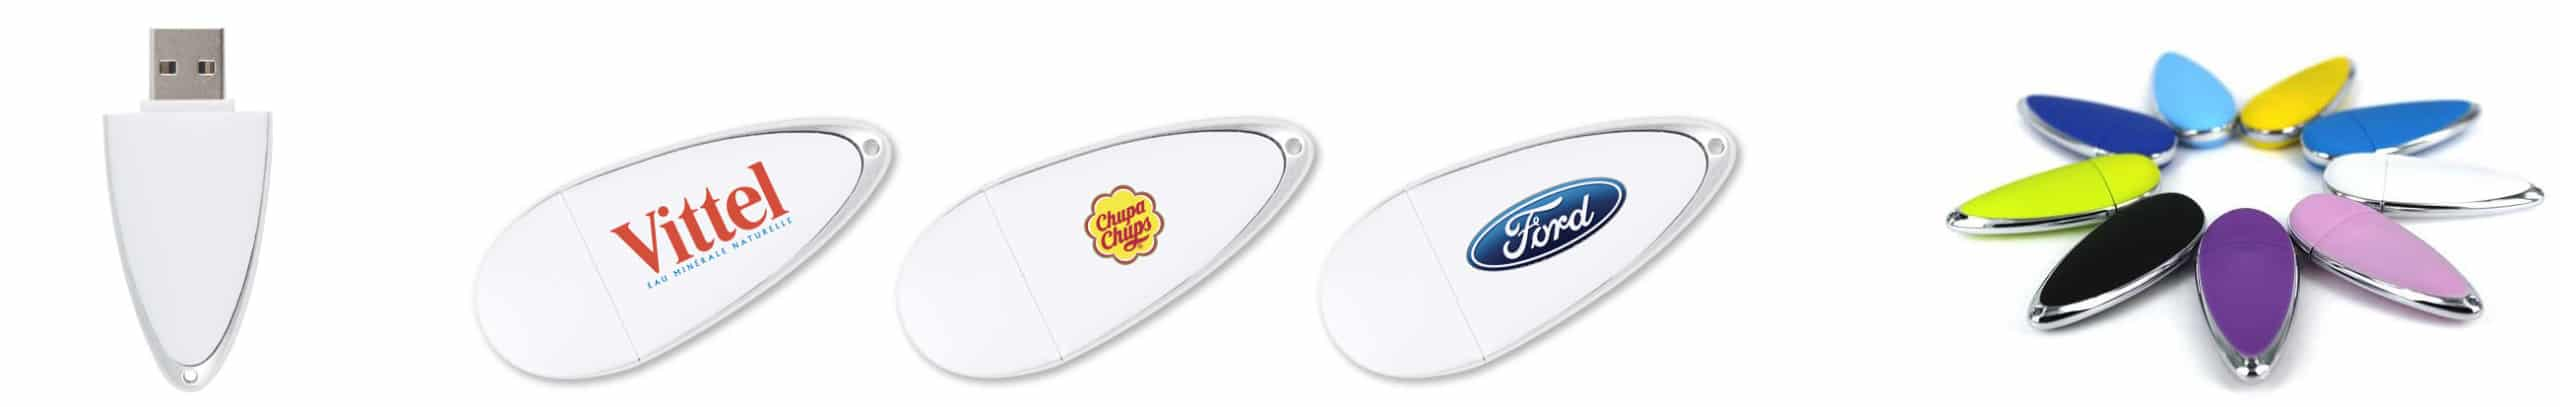 Lot de Clés USB personnalisables PAD exemples avec logos vittel chuppa chups et Ford